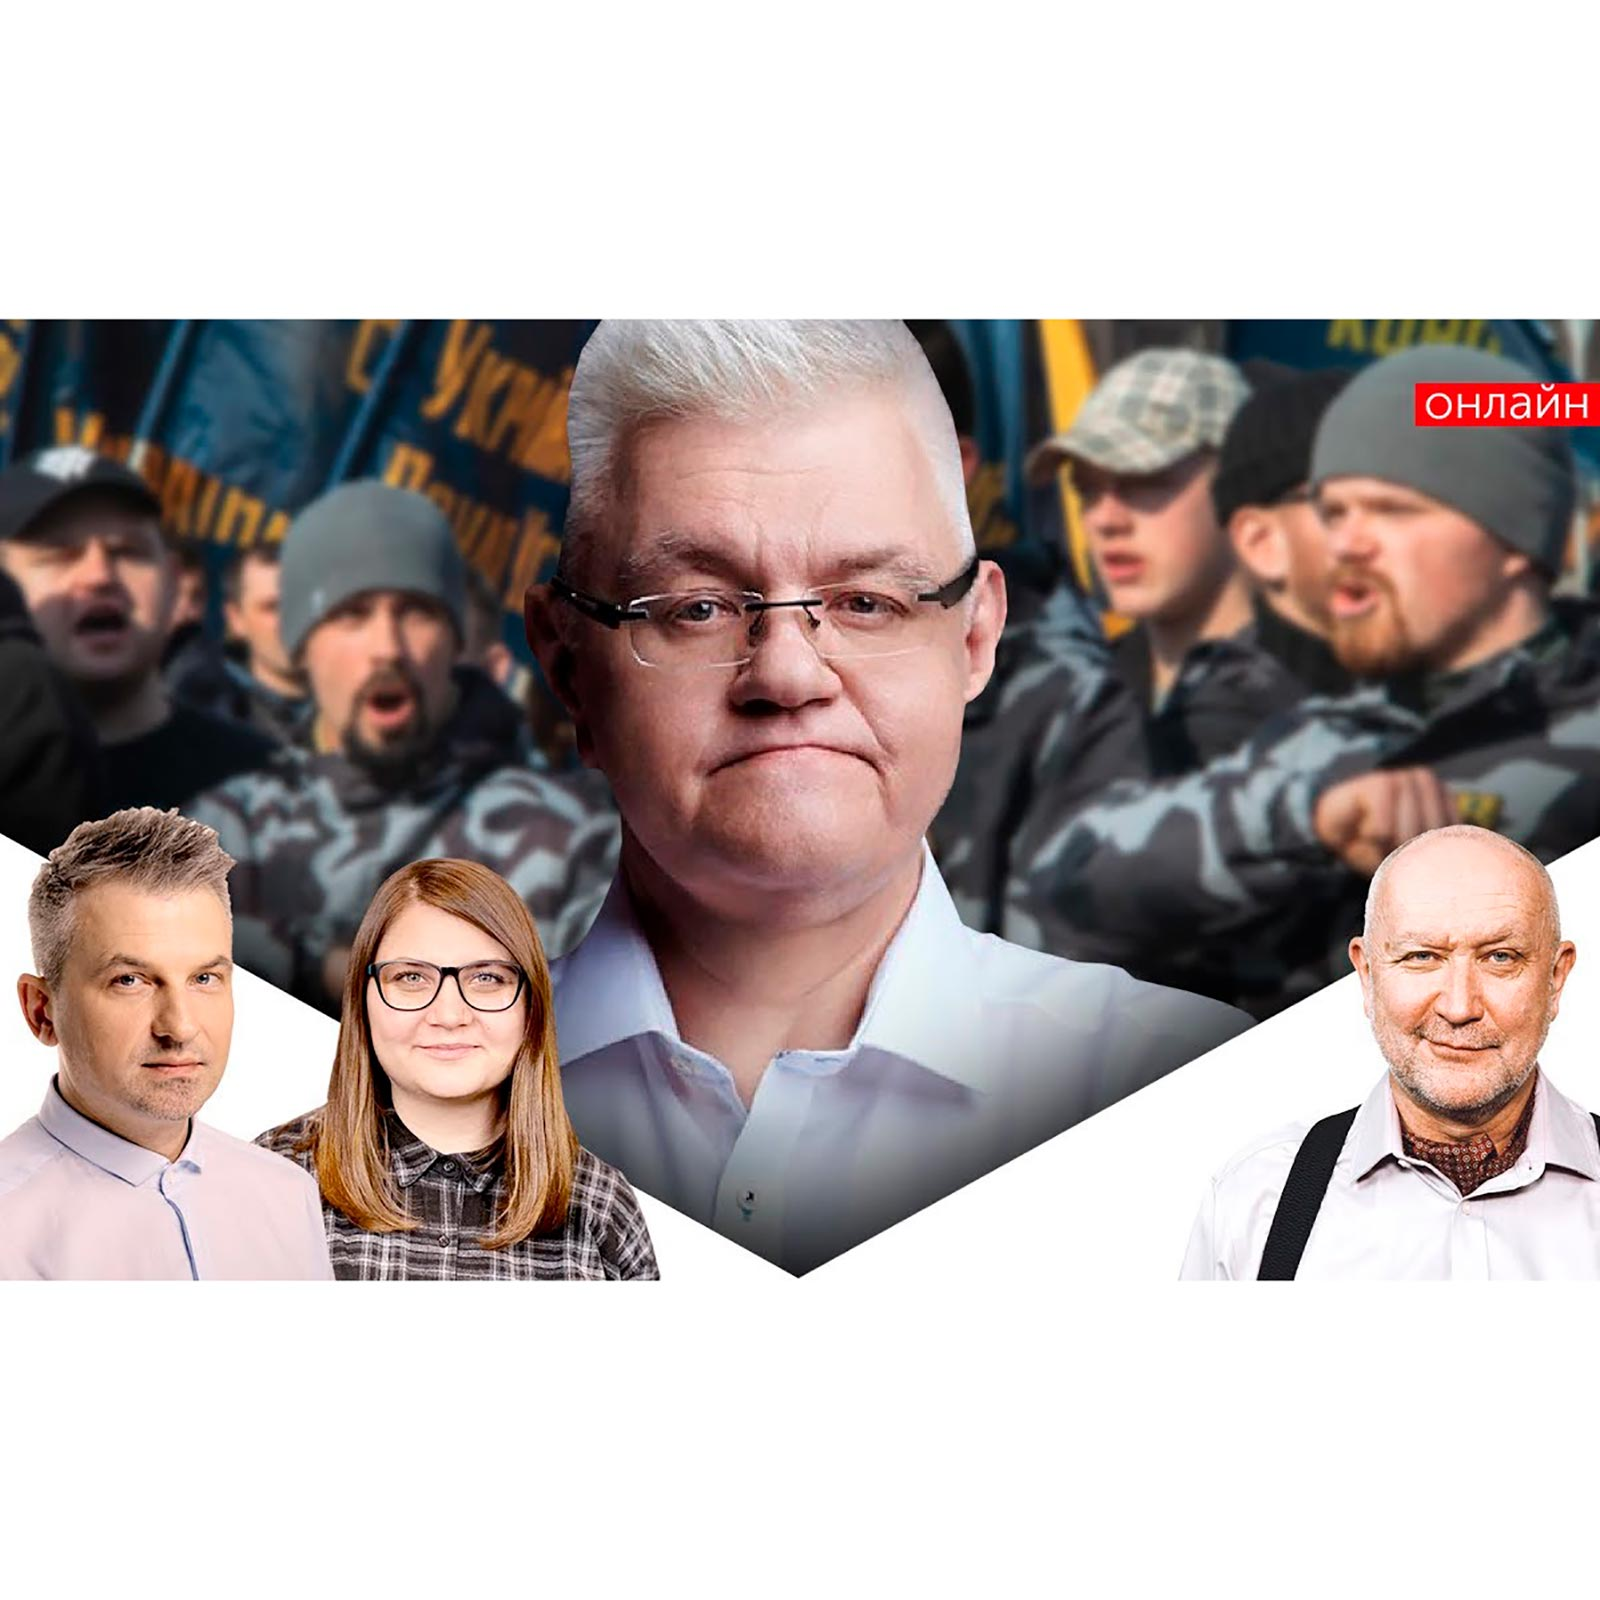 Примирення Сивохи, як проходить перший день карантину в Україні